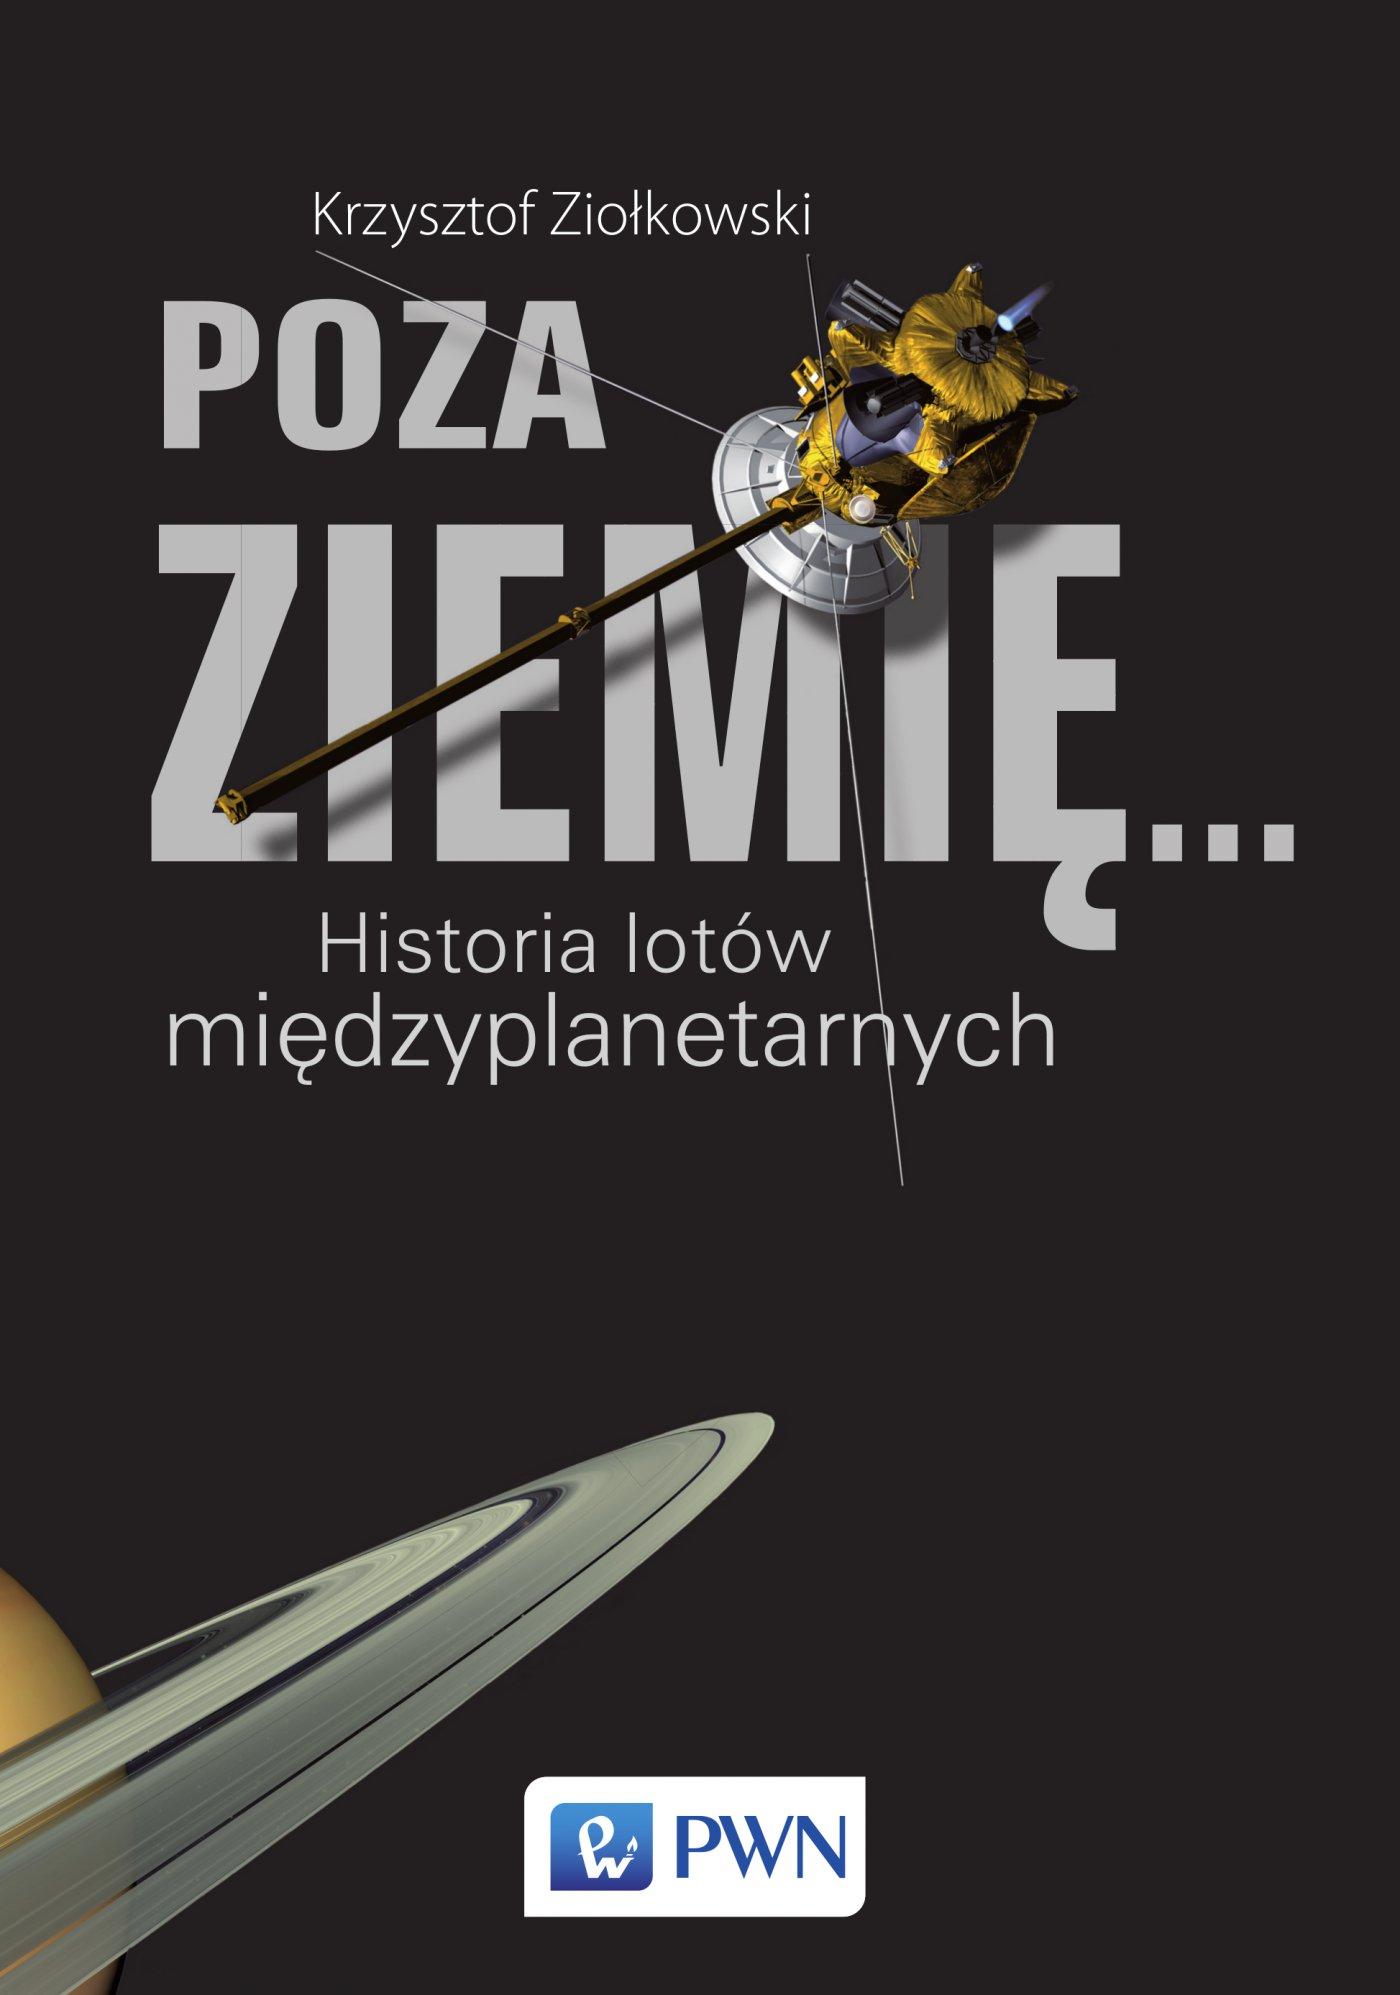 Poza ziemię. Historia lotów międzyplanetarnych - Ebook (Książka EPUB) do pobrania w formacie EPUB